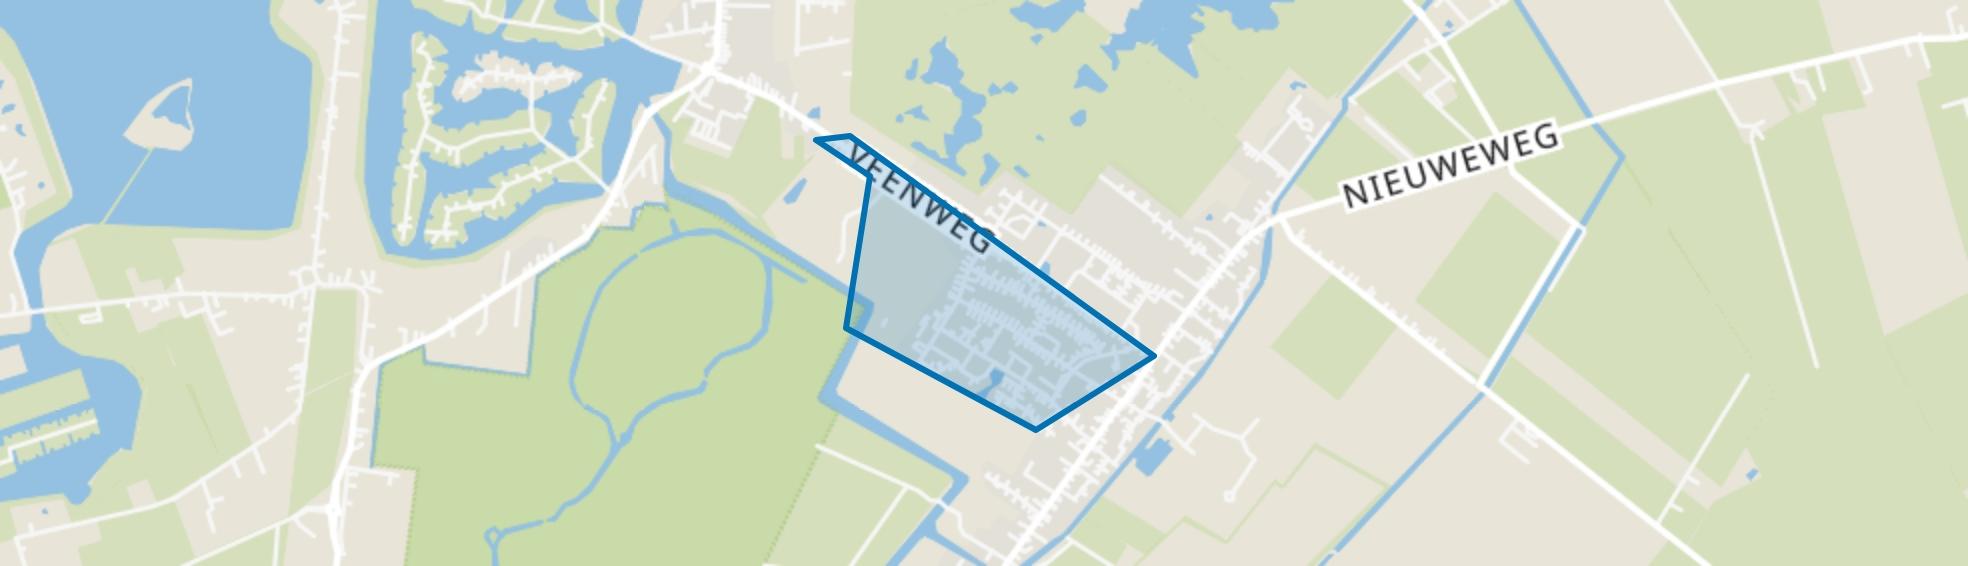 Beerta-Nieuwbouw, Beerta map